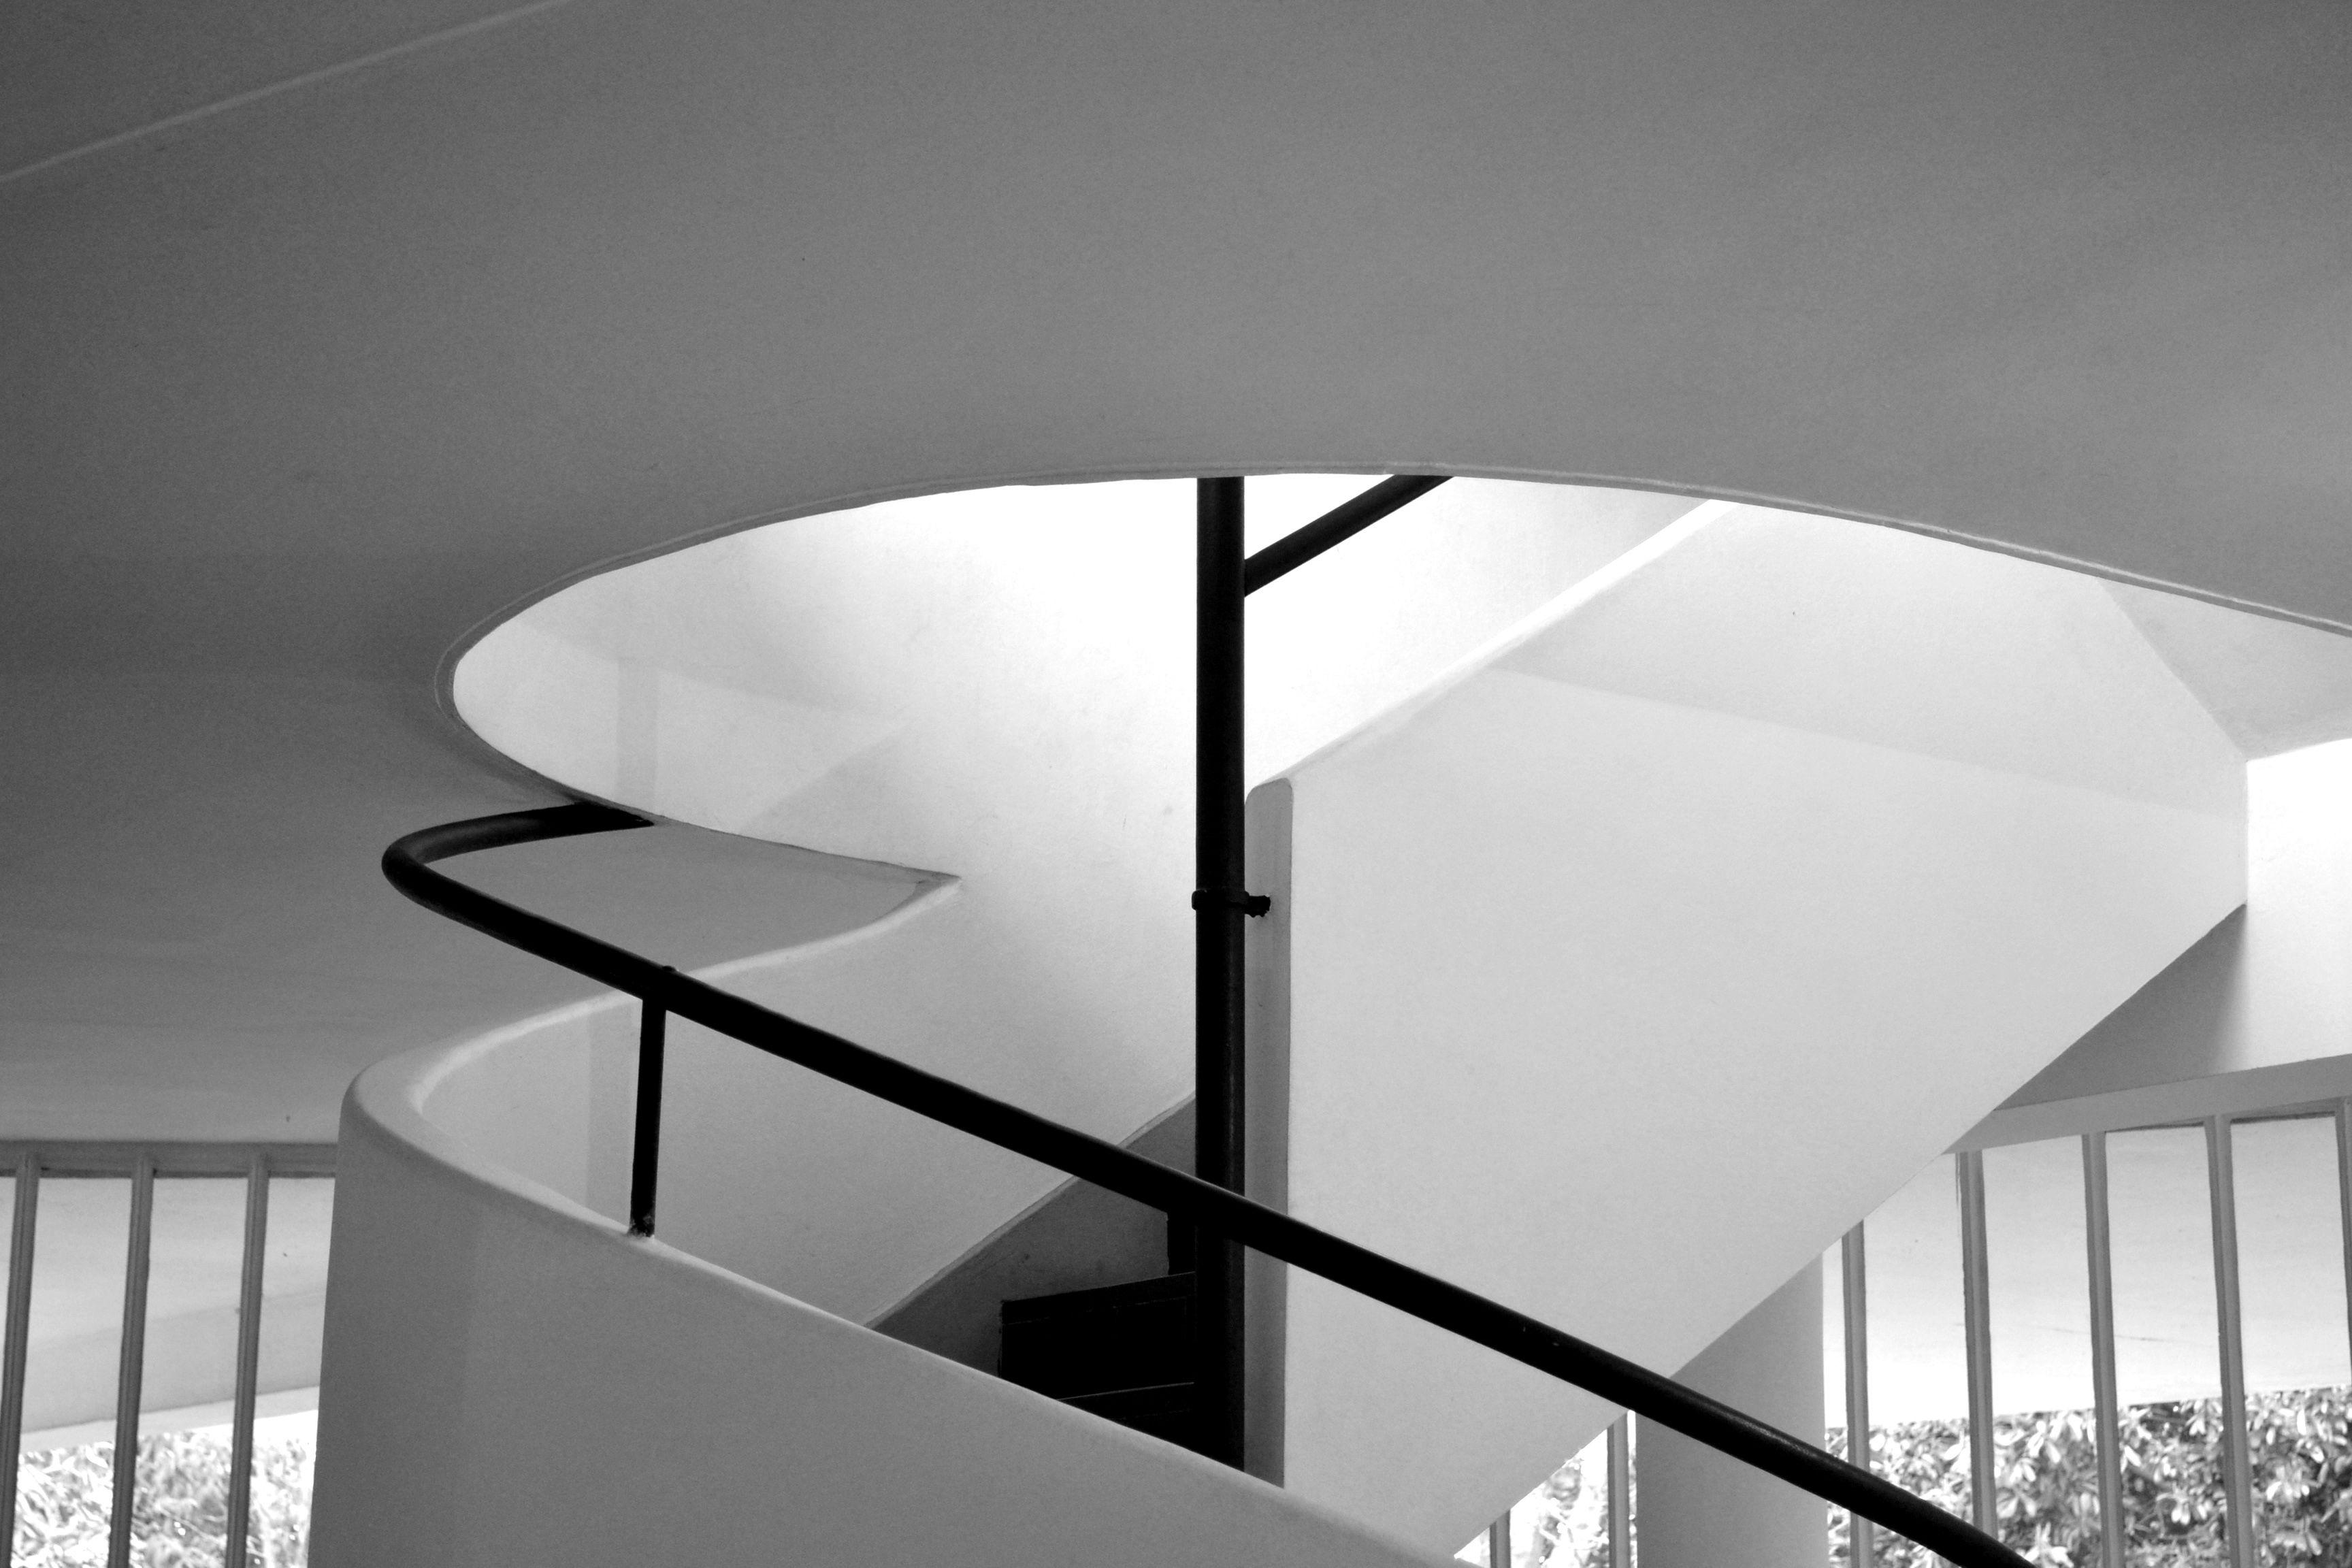 Le corbusier villa savoye interior - Villa Savoye Poissy